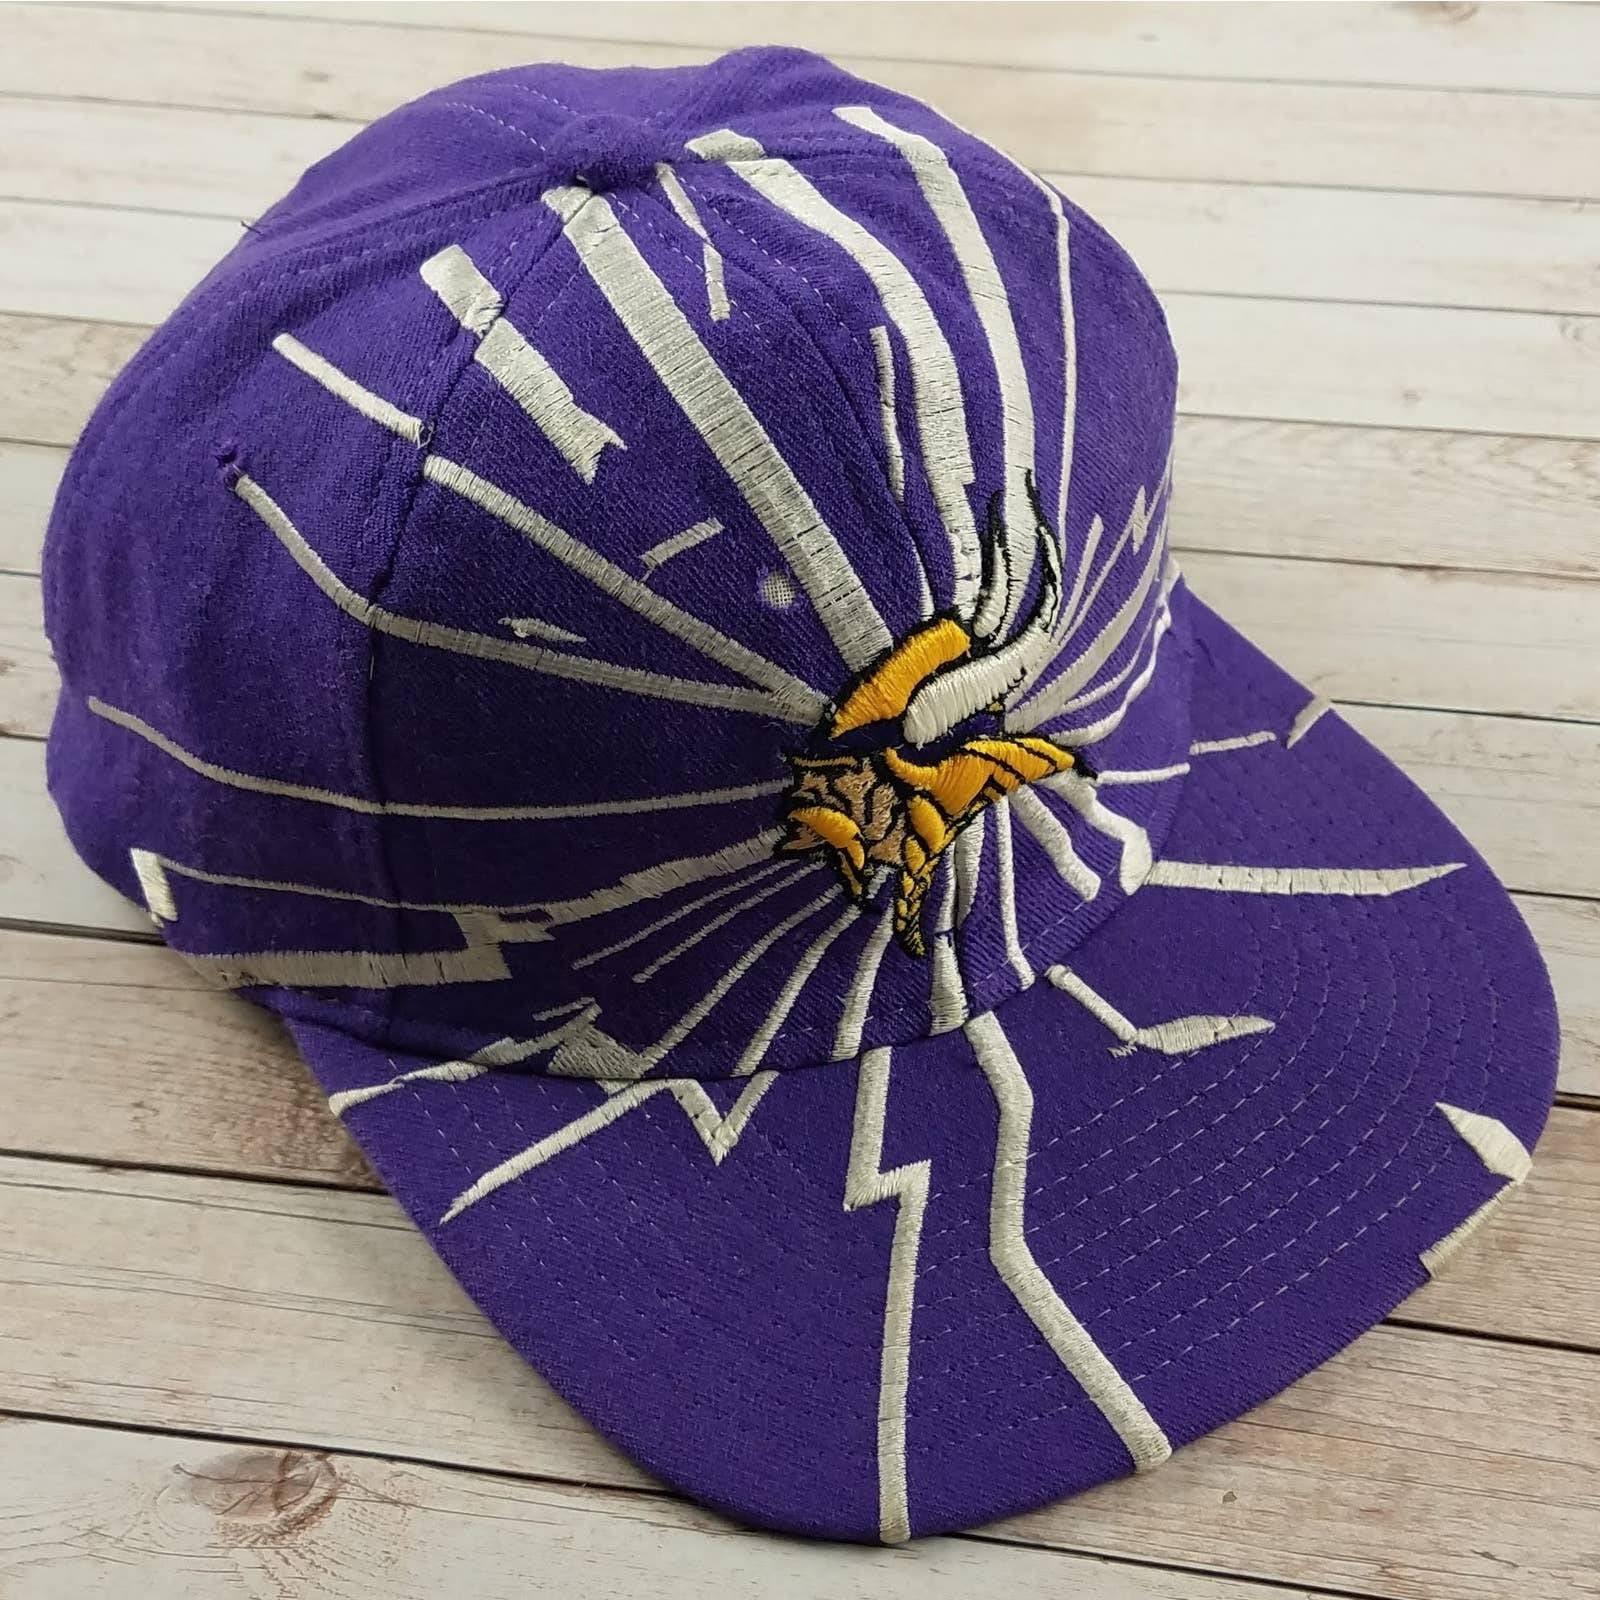 VTG 90s MN Vikings Starter Collision Hat